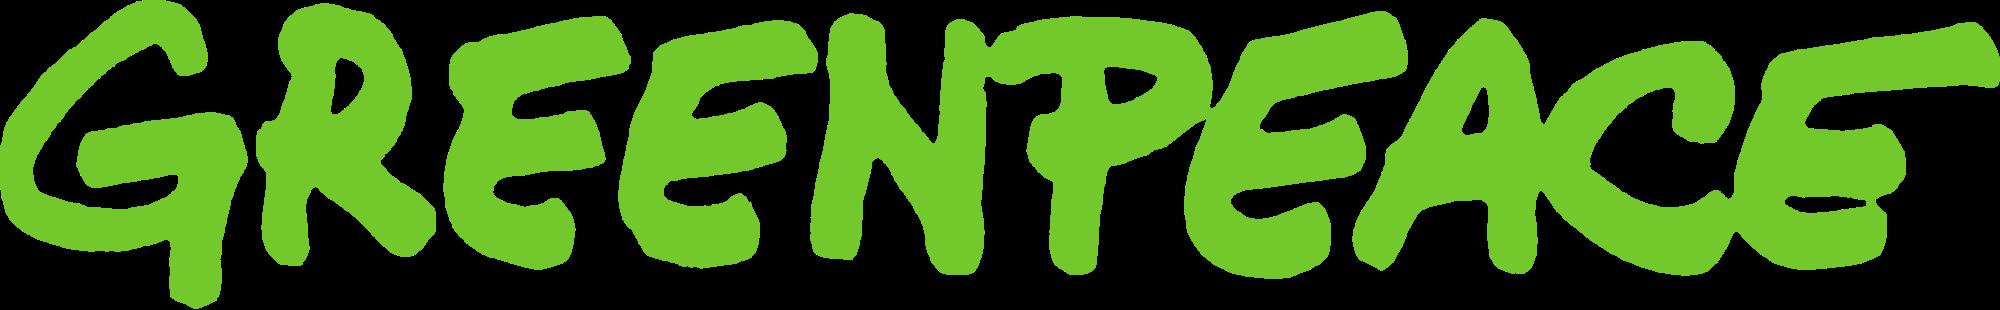 Greenpeace organise des réunions au Remix Coworking.png